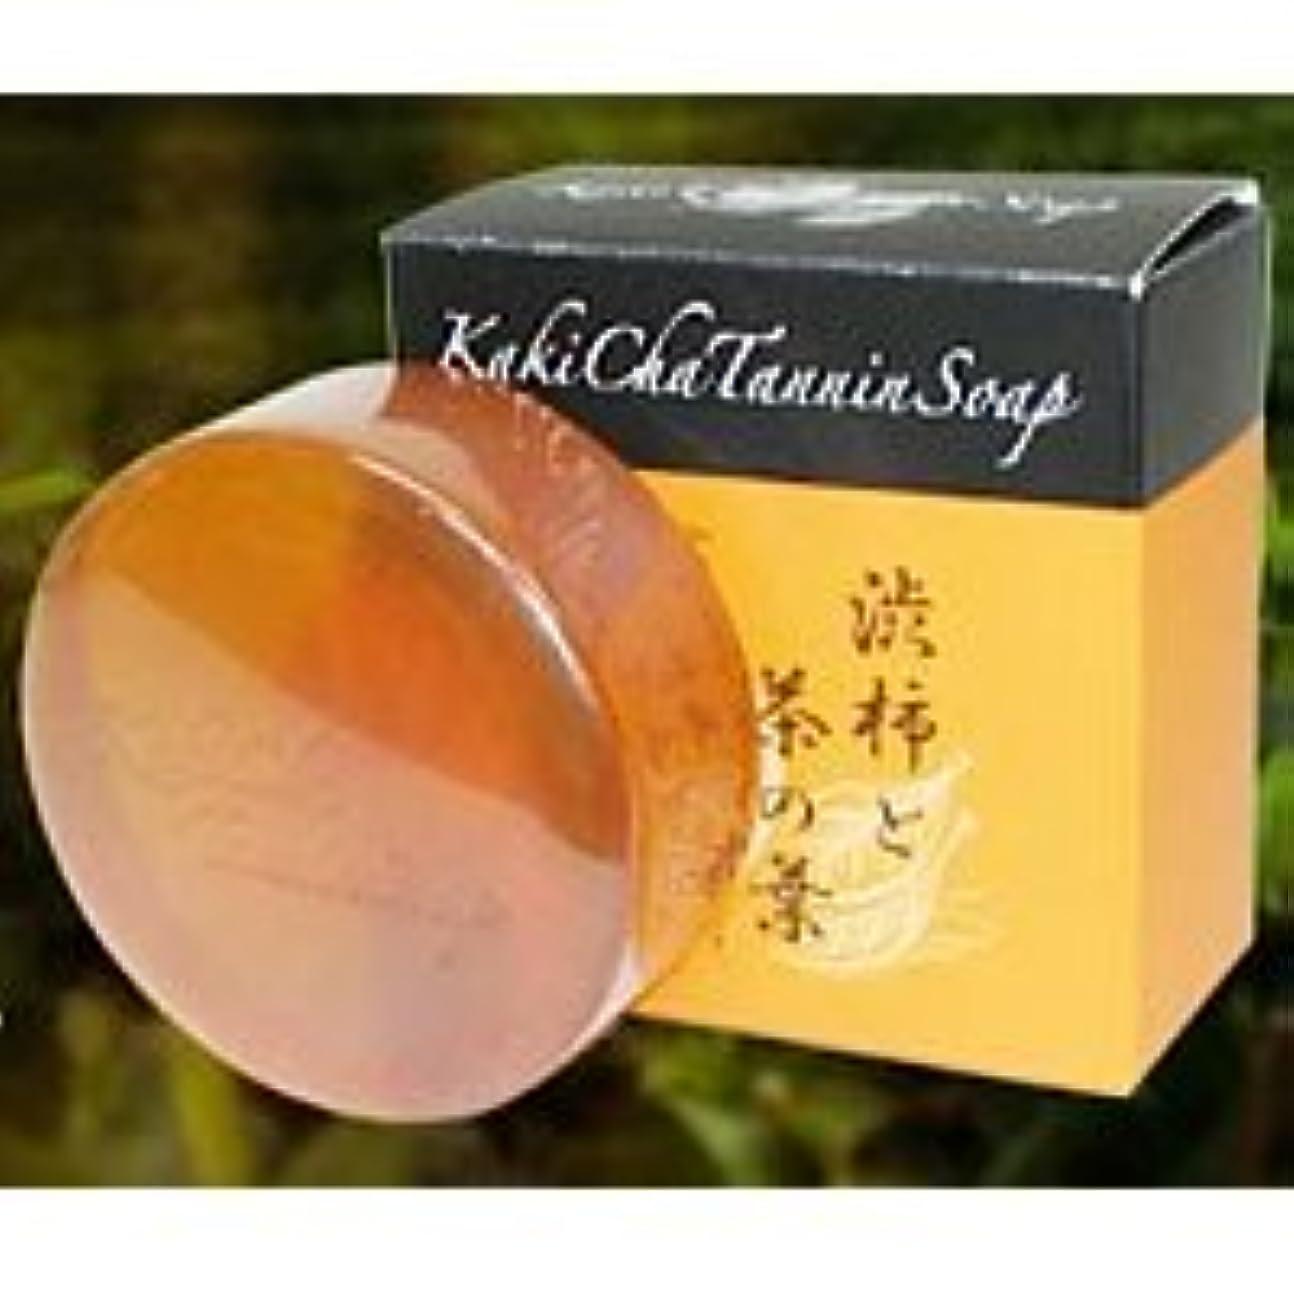 包括的のヒープ誰でもカキチャタンニンソープ 安心の日本製 カキチャタンニンソープ (マイルドクリアソープ) カキチャ タンニンソープ 柿渋ソープ